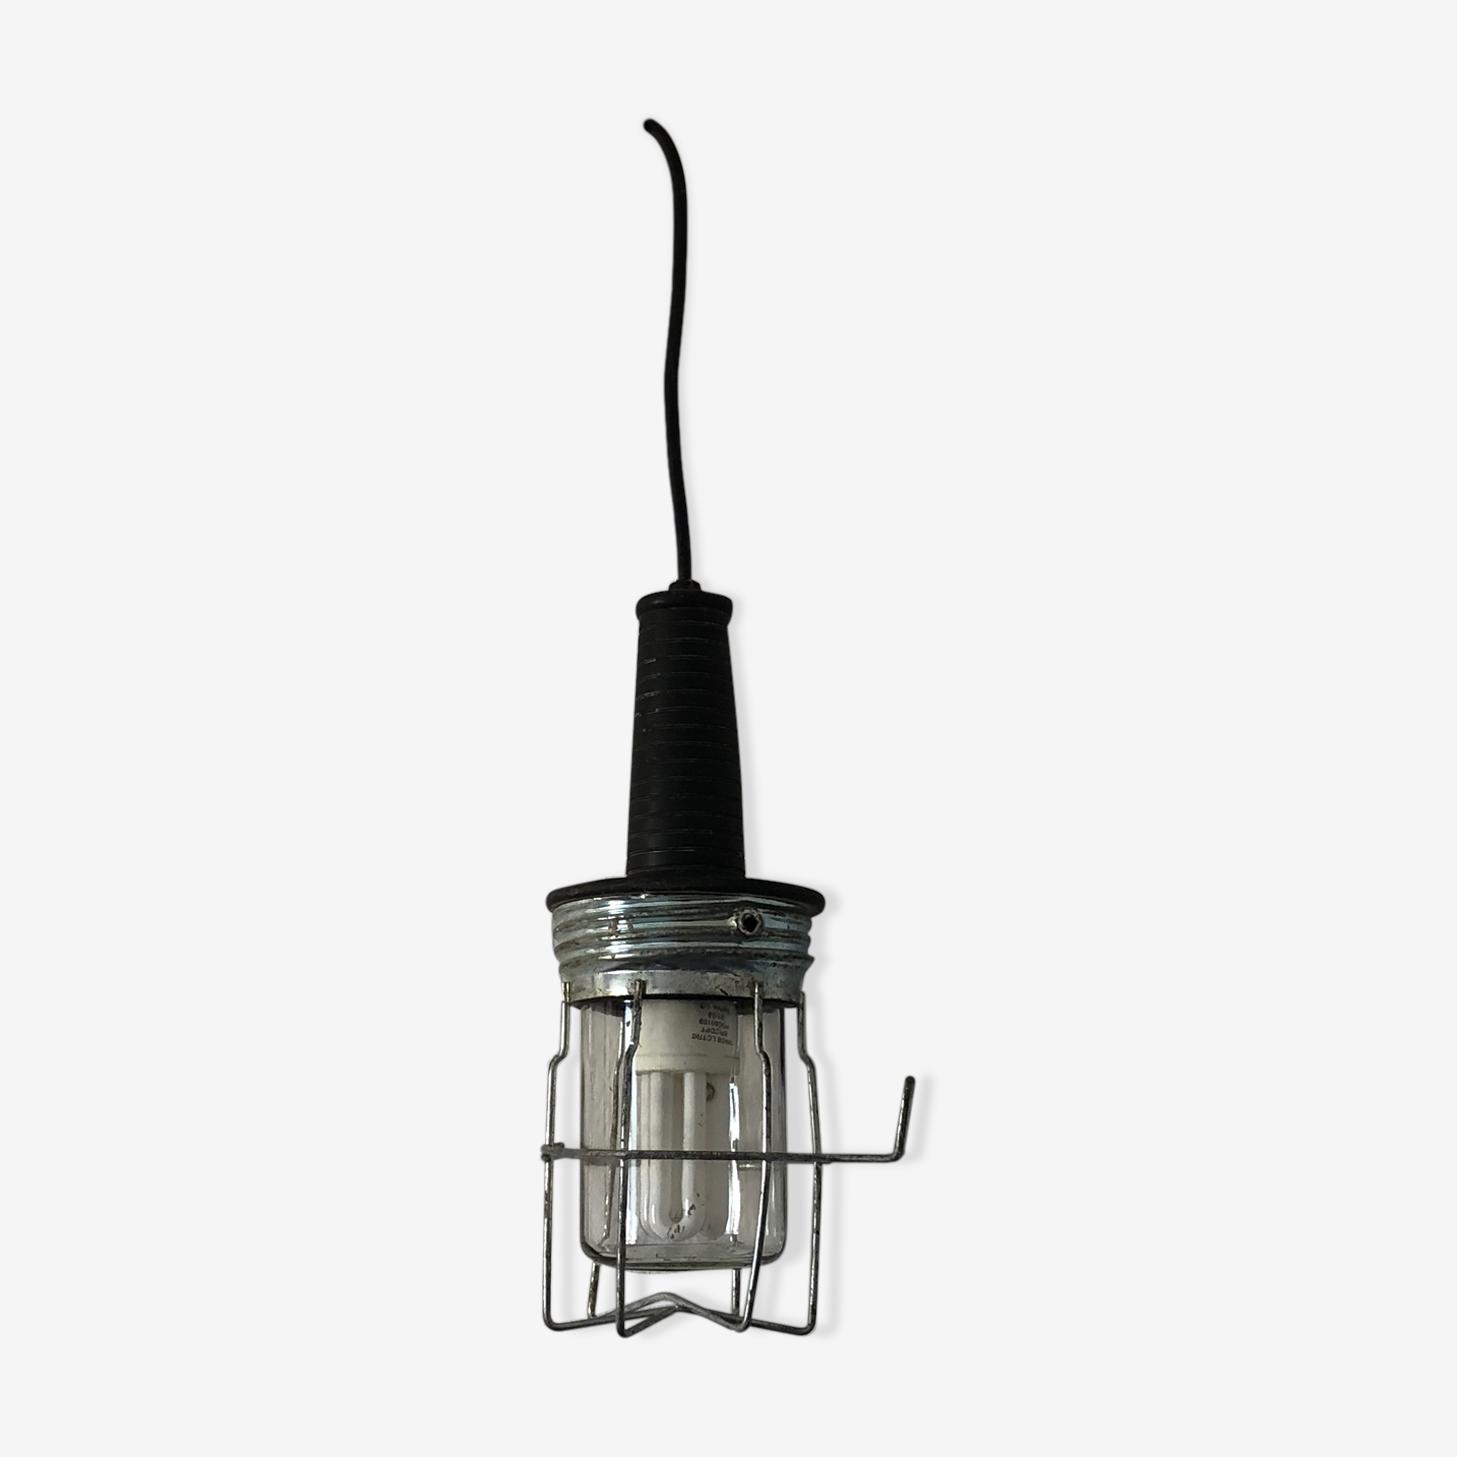 Lampe baladeuse verre noire vintage 1970